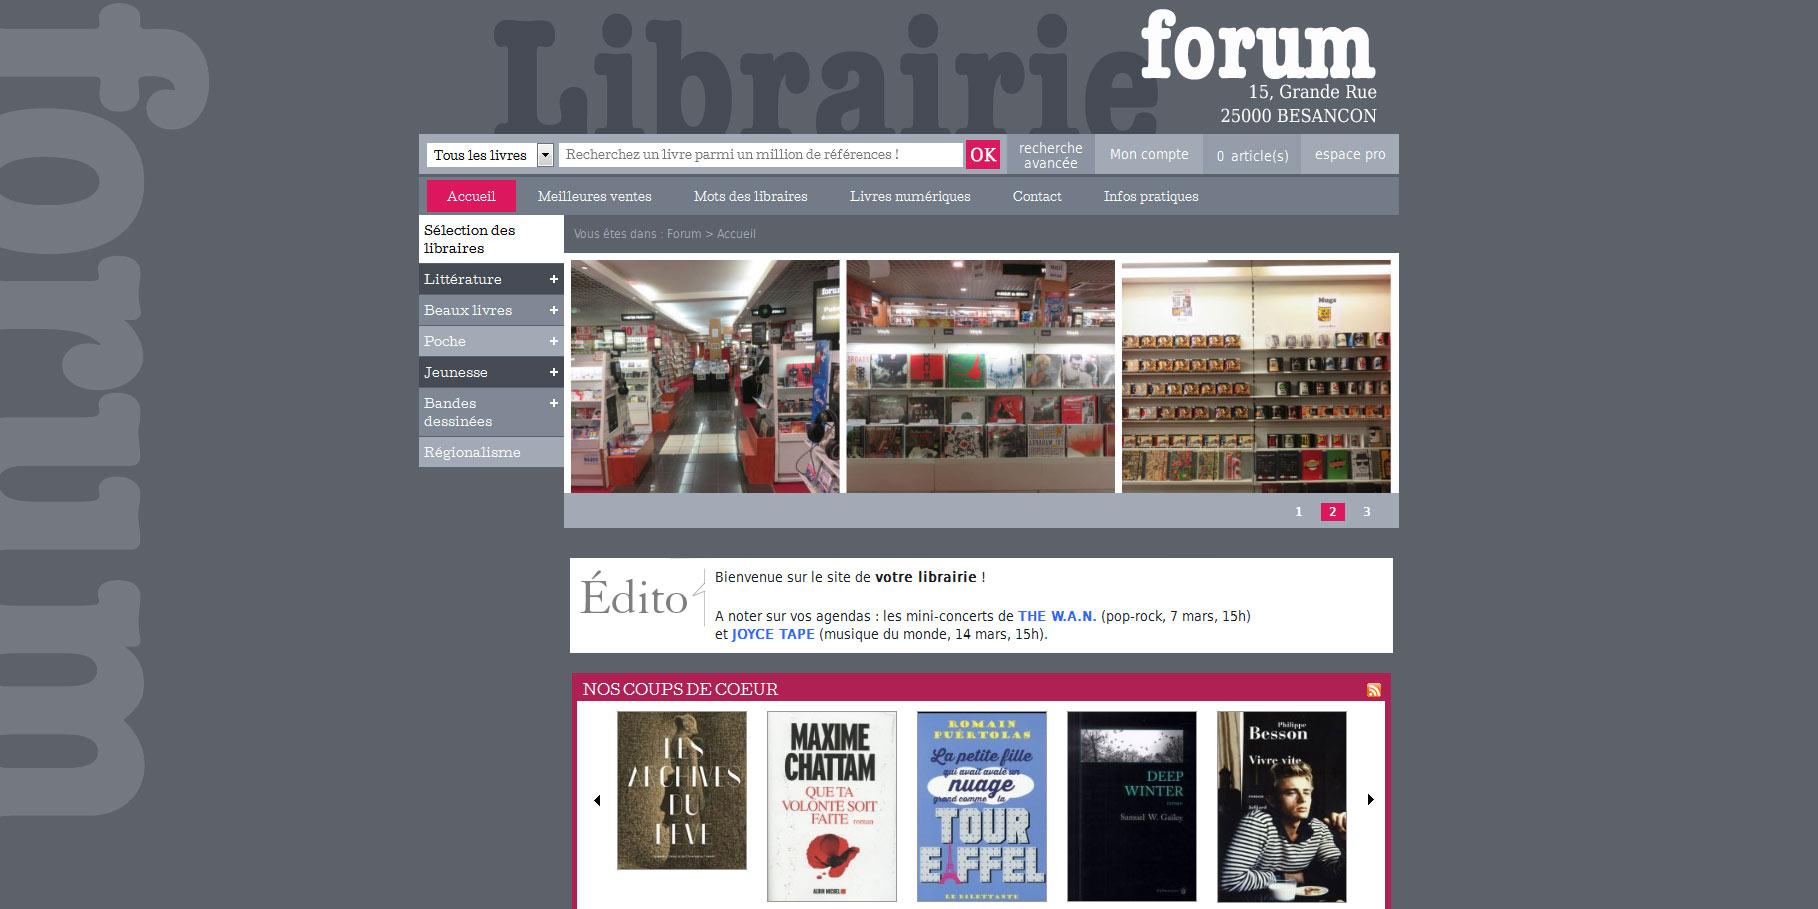 Librairie Forum Besançon